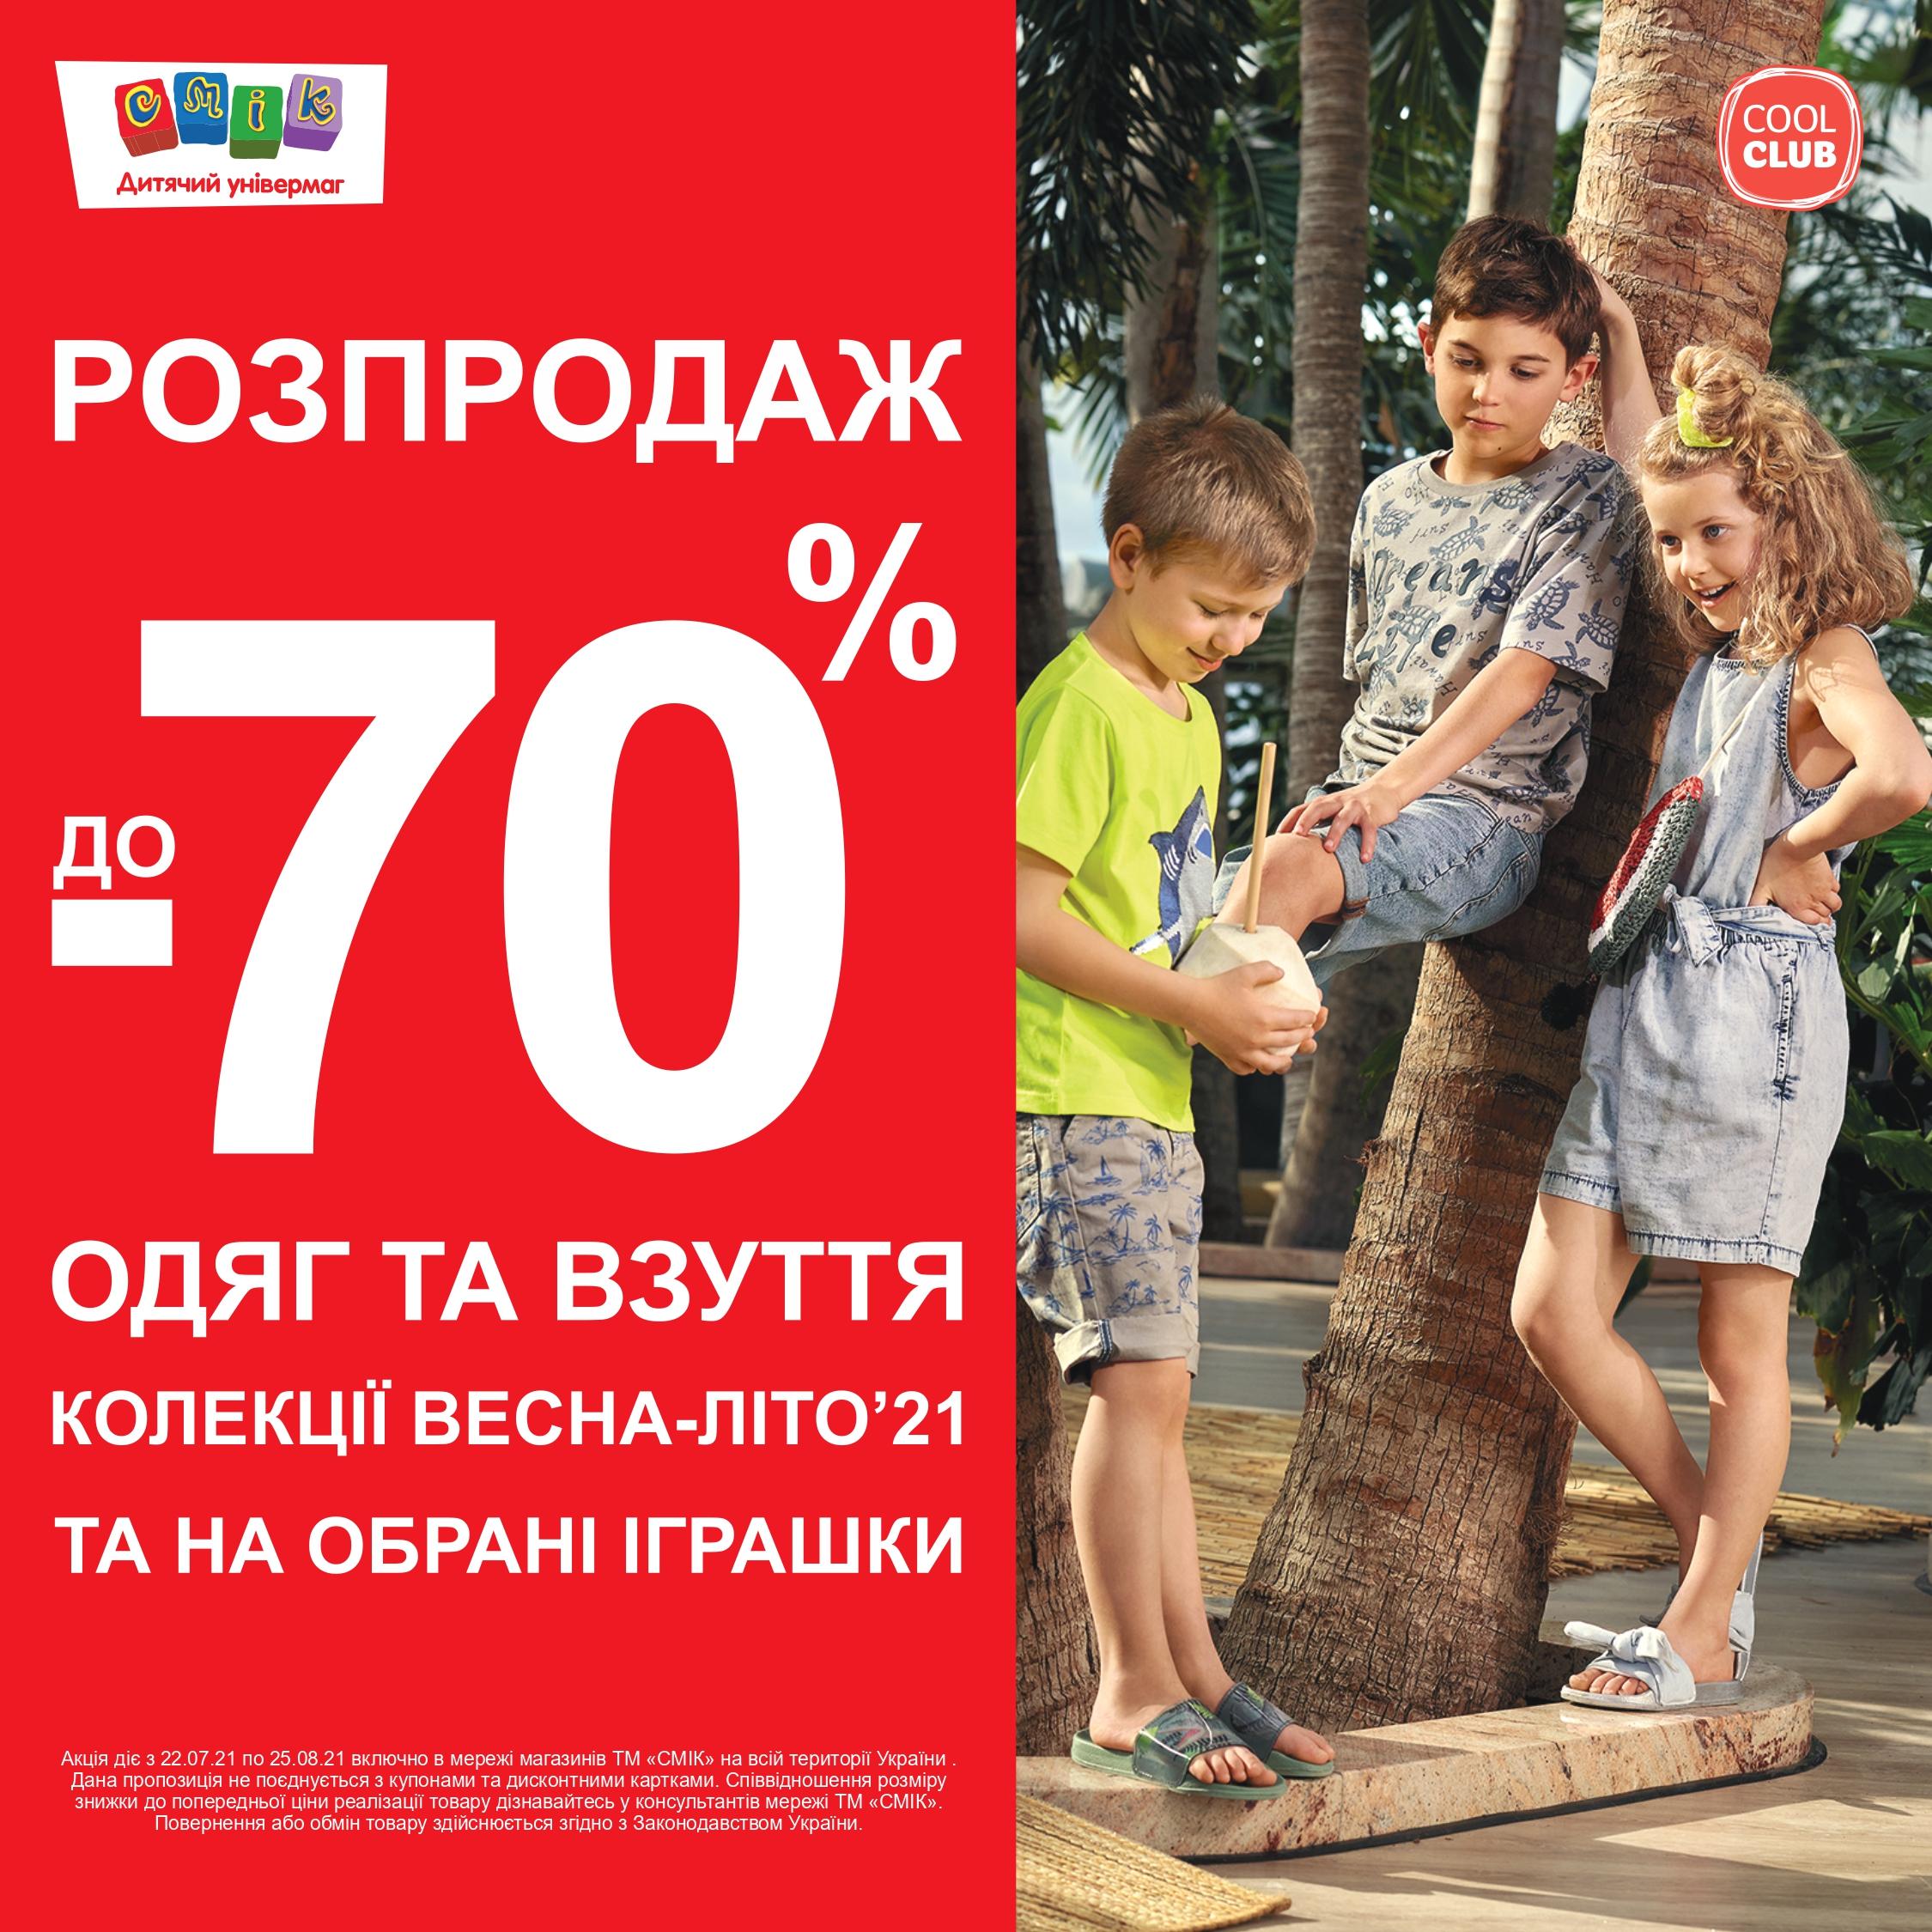 Айда к СМИК создавать яркие образы этого лета - kiev.karavan.com.ua